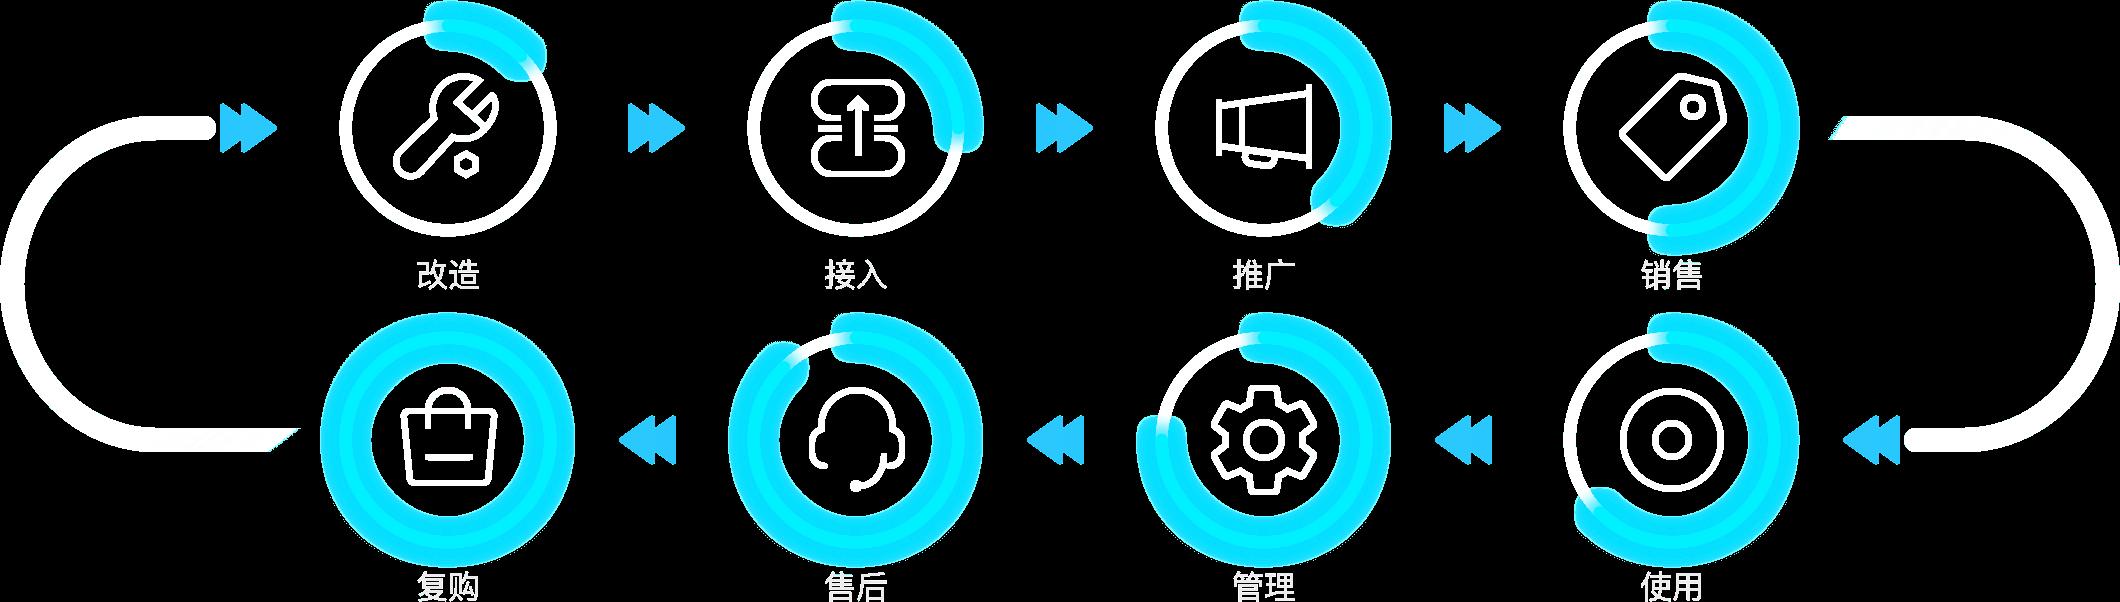 大秦云-家电品牌升级改造流程